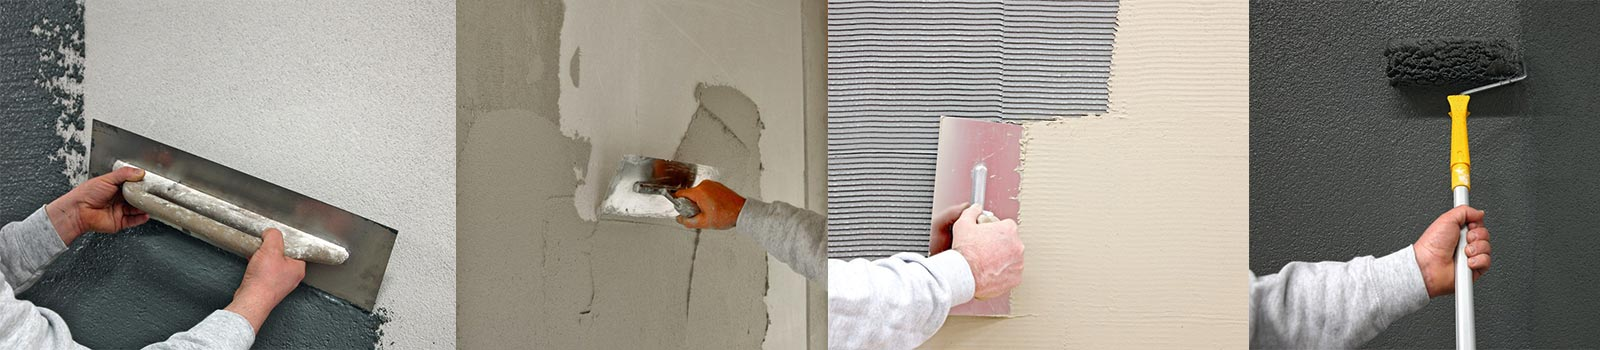 Mitarbeiter der 3B Denkmalpflege & Bausanierung GmbH beim verputzen und anstreichen einer Fassade